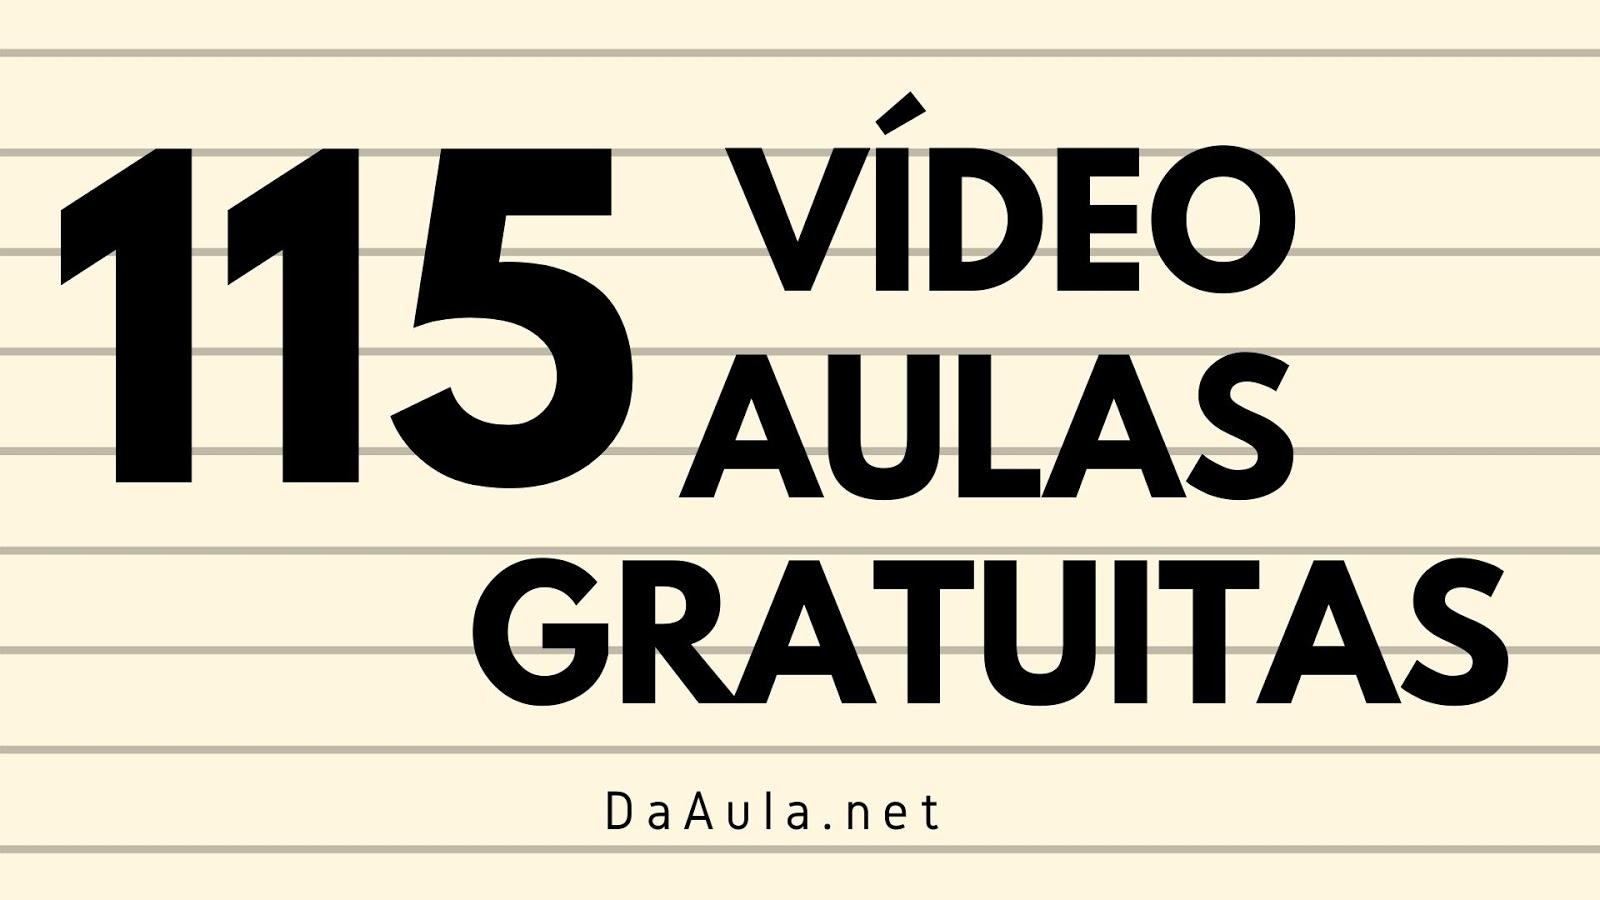 115 vídeo aulas gratuitas de Língua Portuguesa